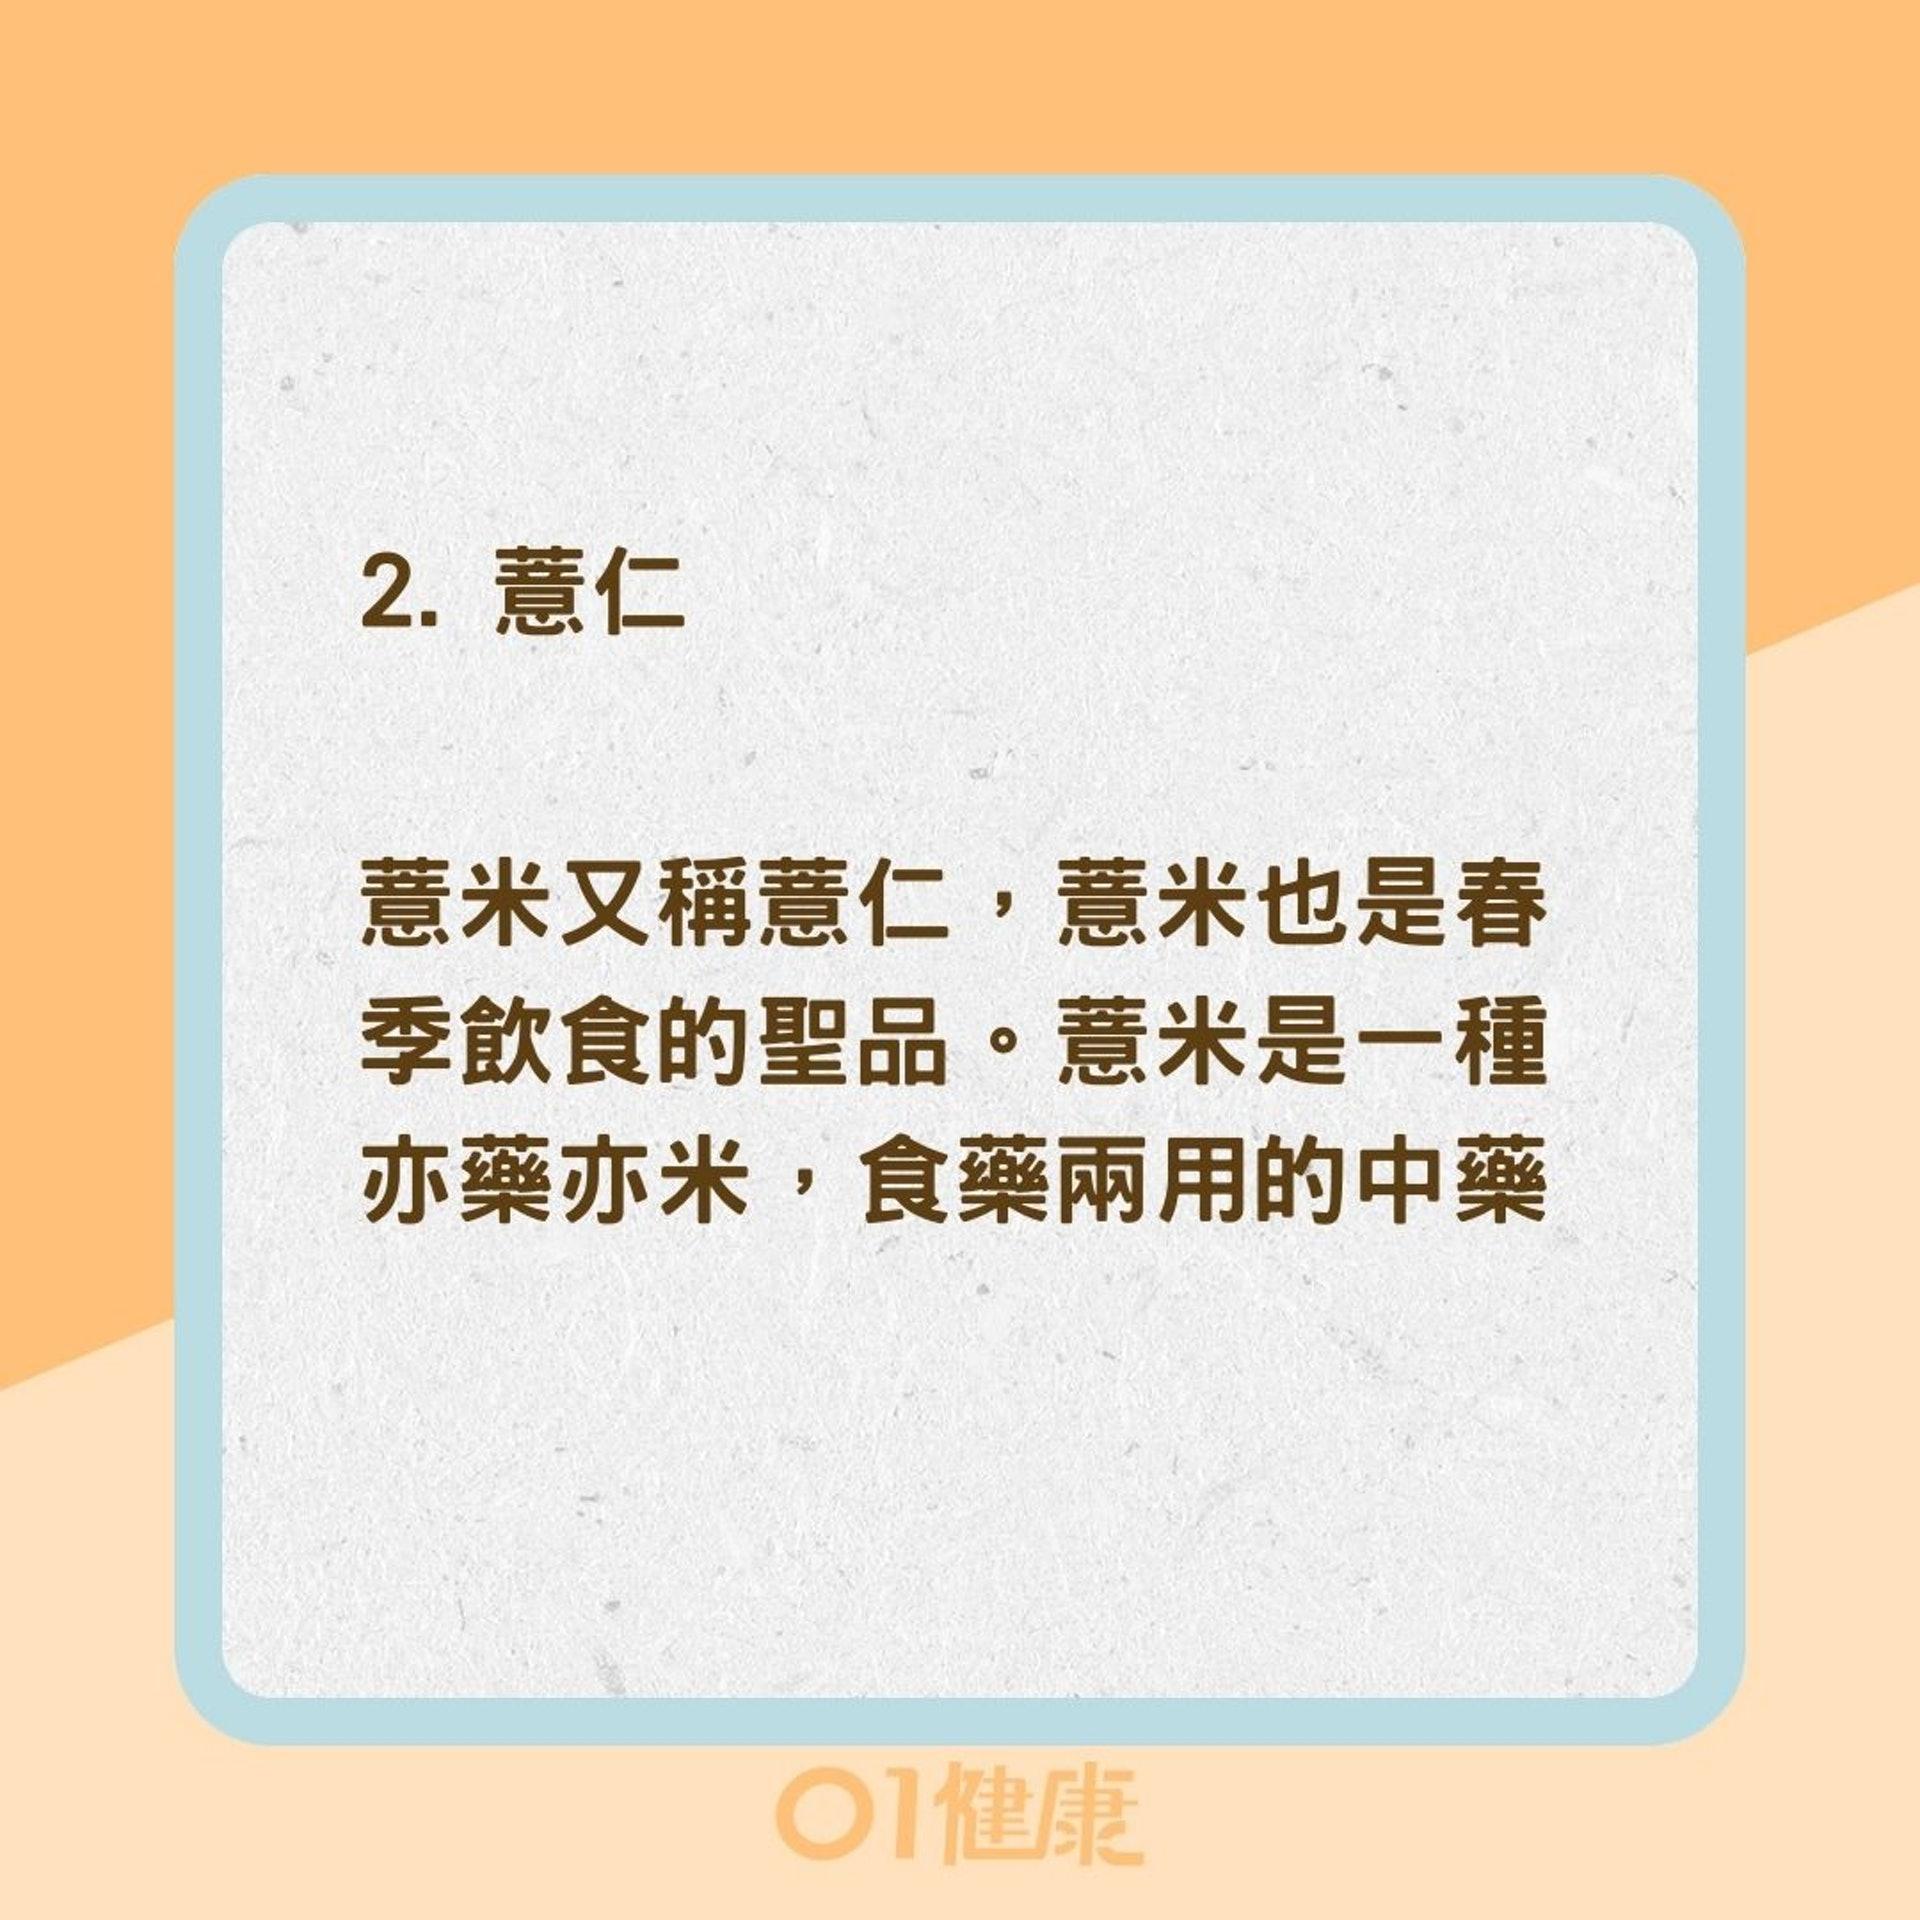 5大食藥兩用食物(01製圖)